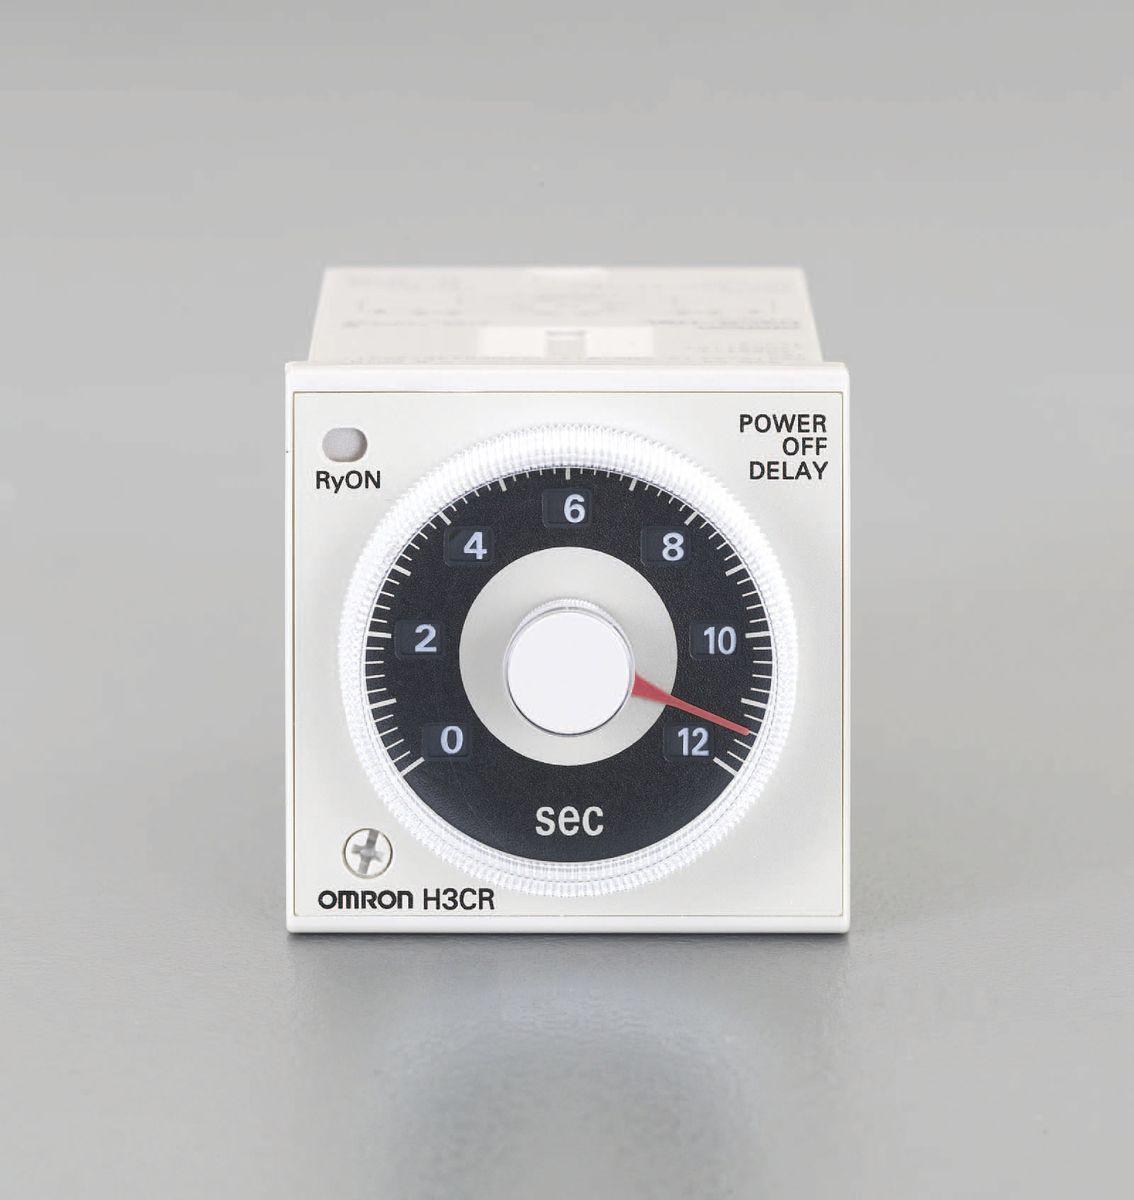 【メーカー在庫あり】 エスコ ESCO AC100-120V 電源オフディレータイマー 0.05-12秒 000012230951 HD店